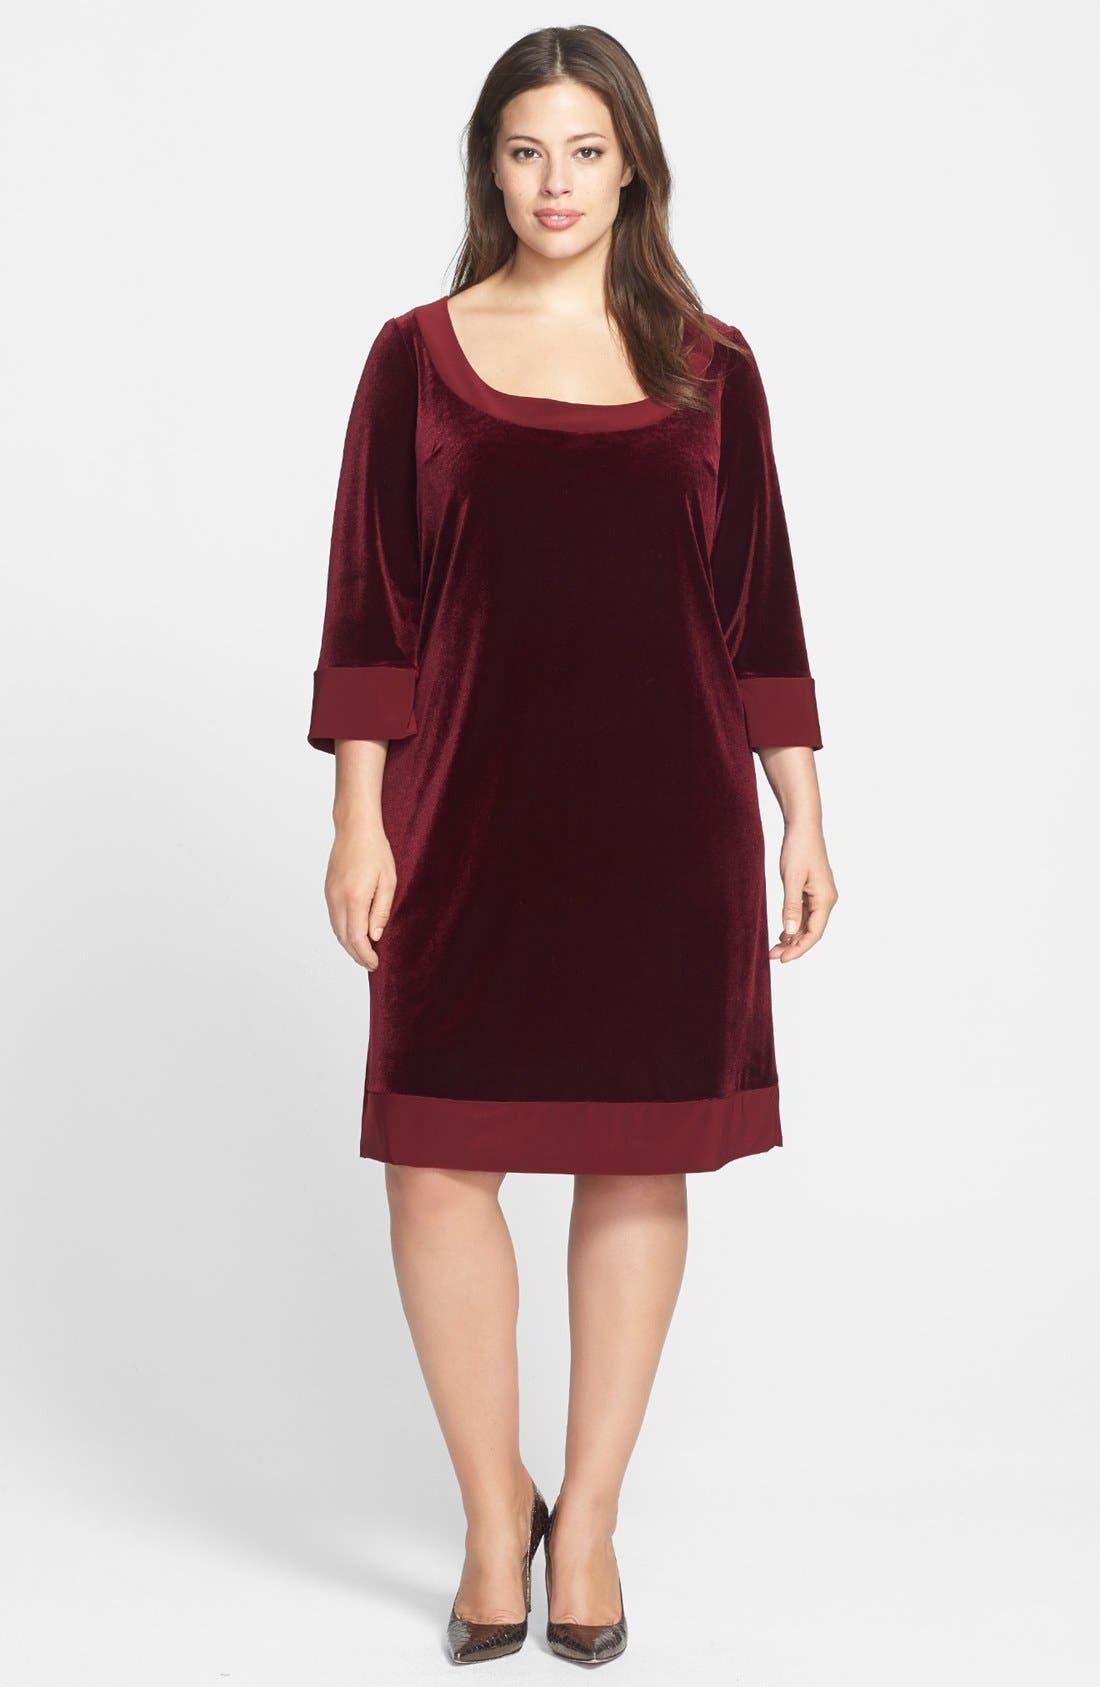 Alternate Image 1 Selected - ABS by Allen Schwartz Velvet Shift Dress (Plus Size)